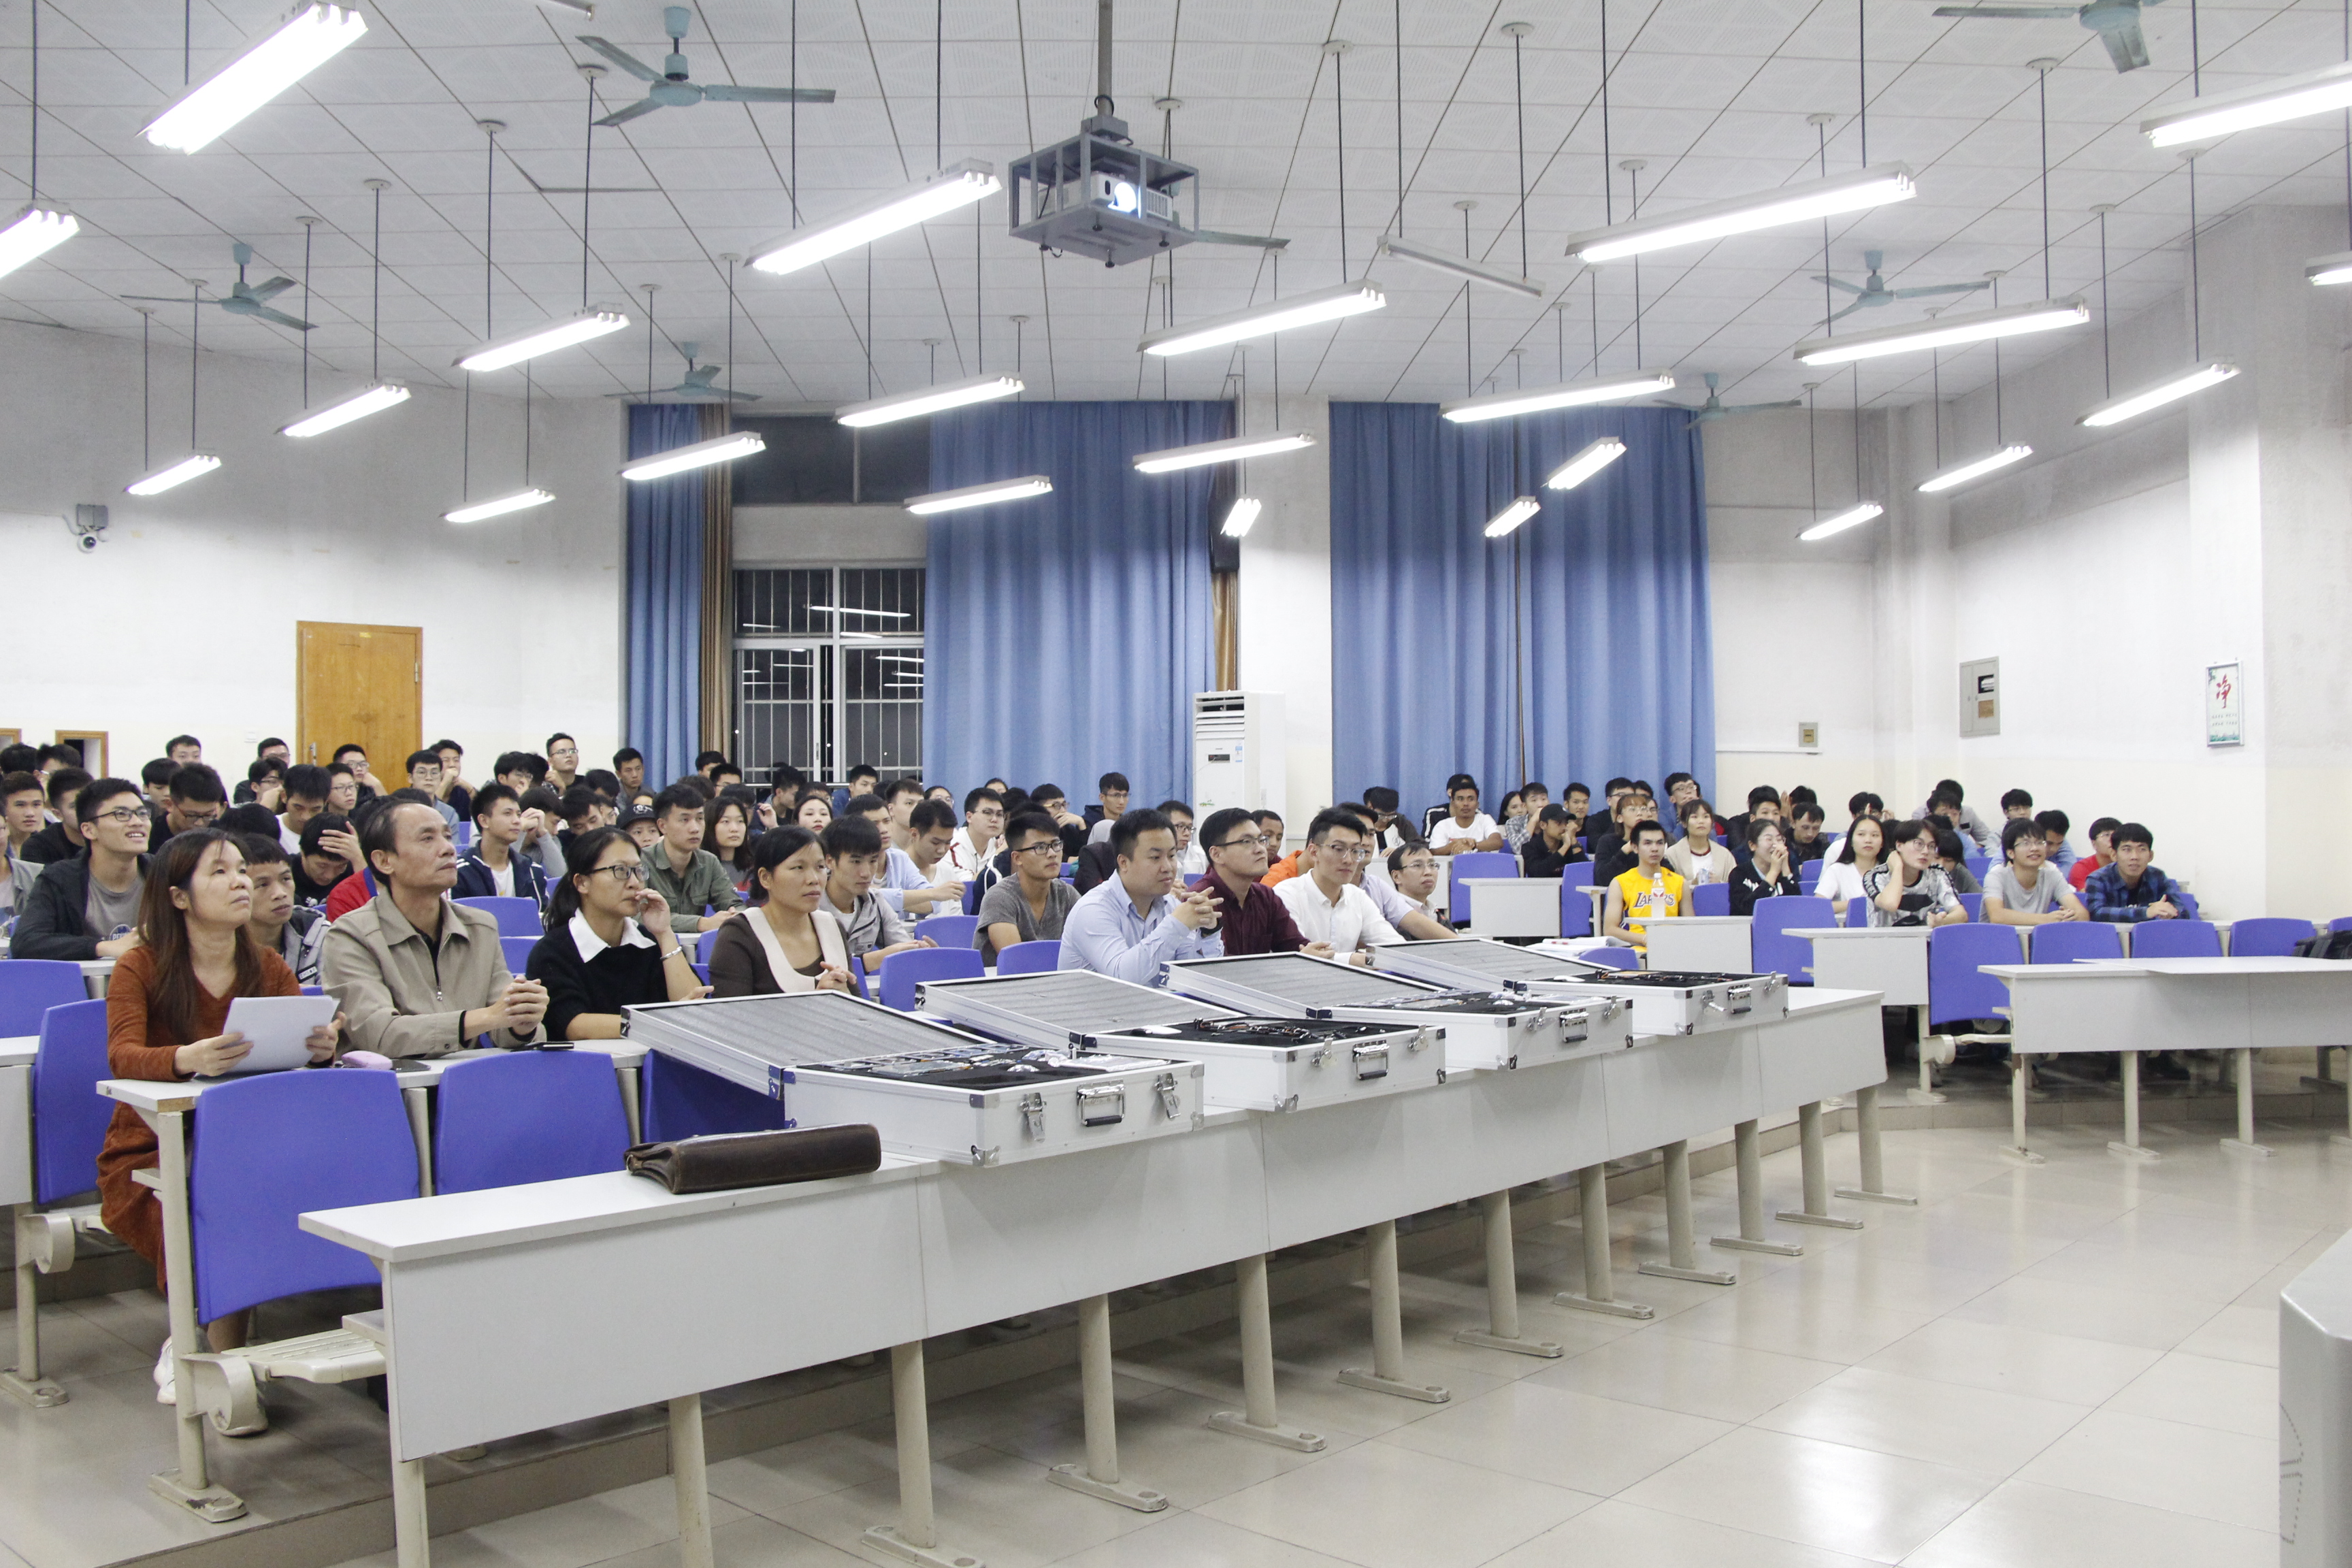 广西民大信工学院与粤嵌校企共建大学生众创空间